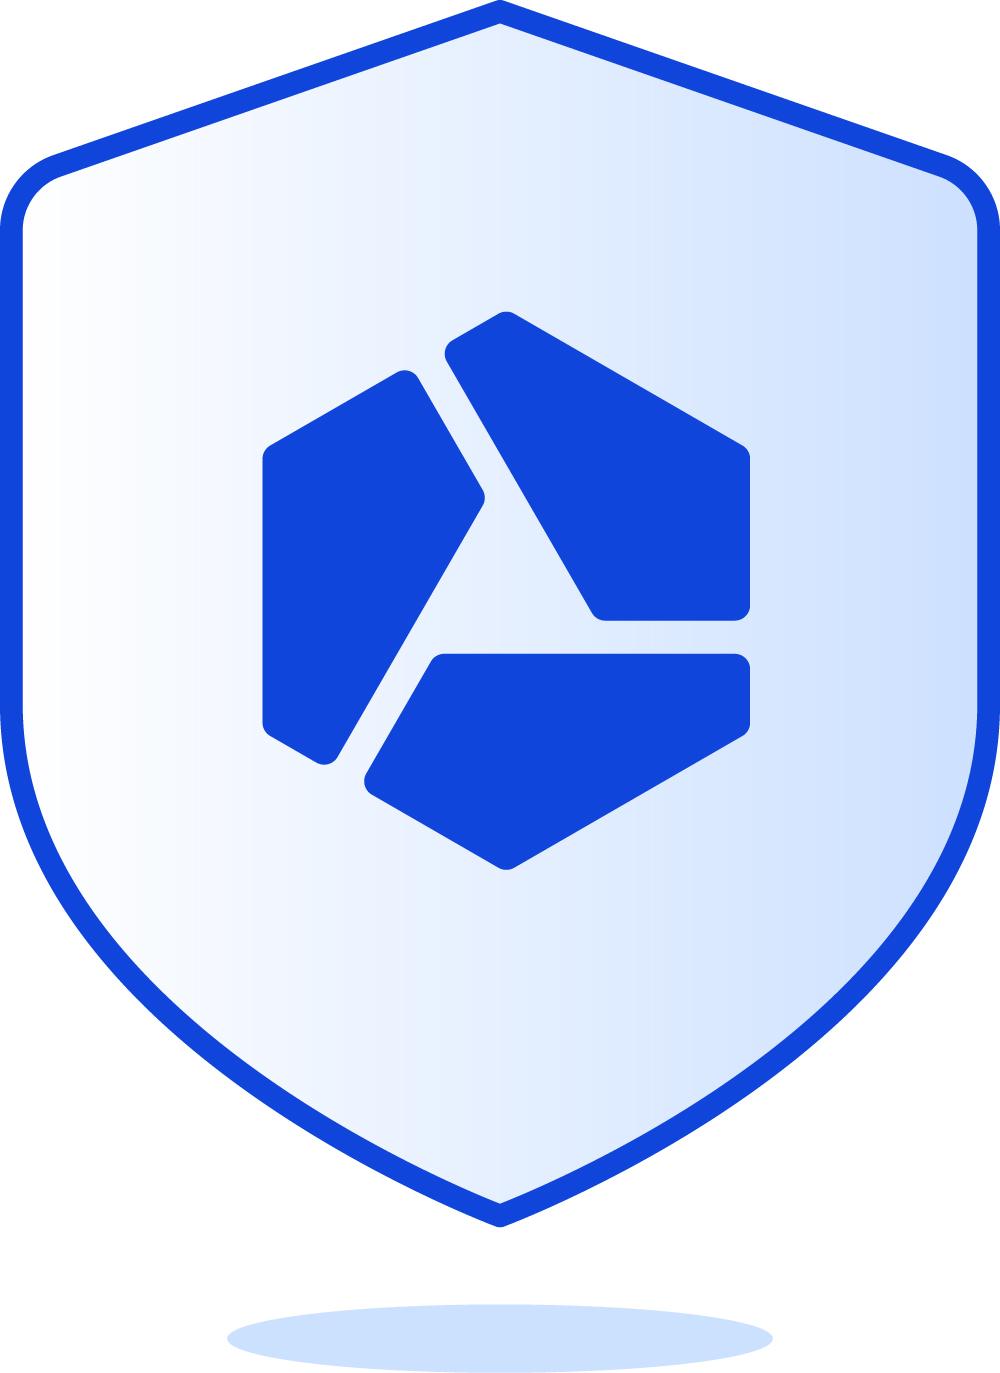 Combell's autopatching houdt je veilig tot de updates